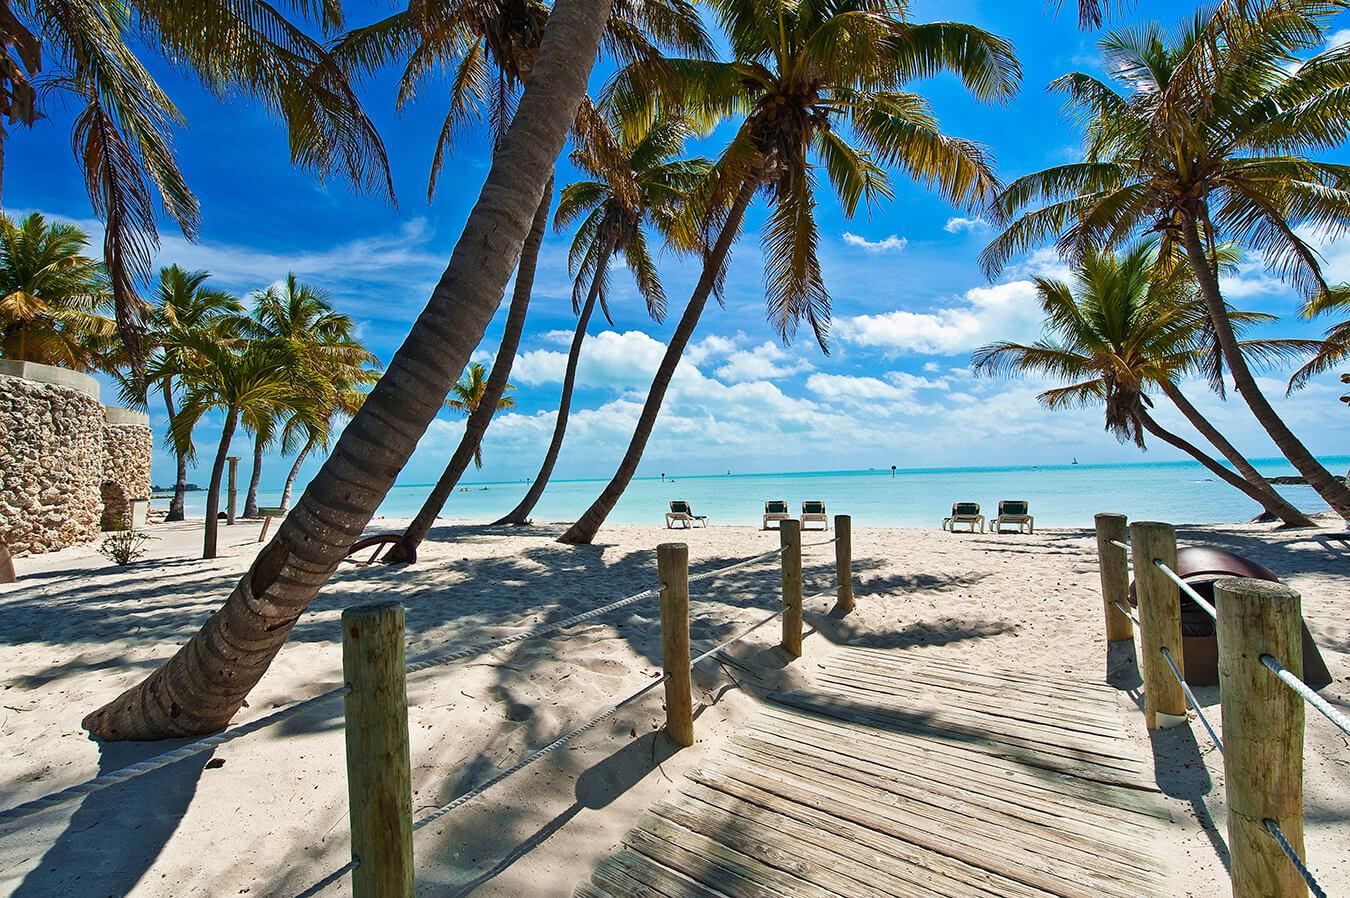 Key West Day Trip - From Miami